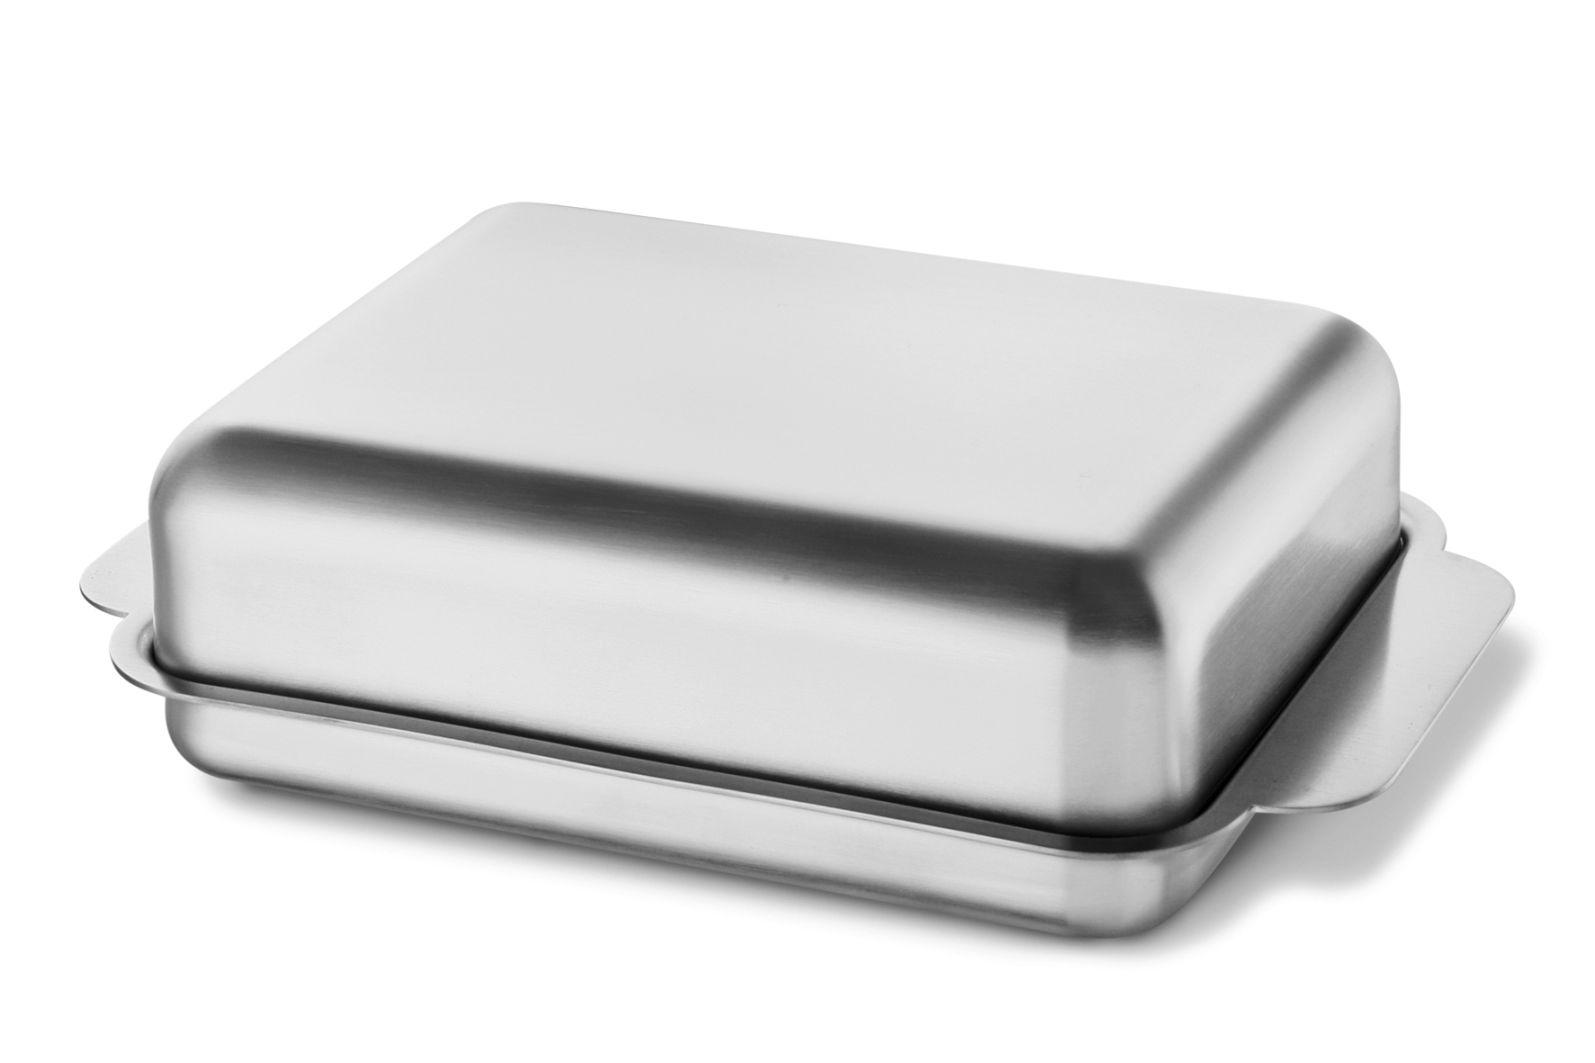 Nerezová dóza na máslo CONTAS 32 x 13,5 cm - ZACK